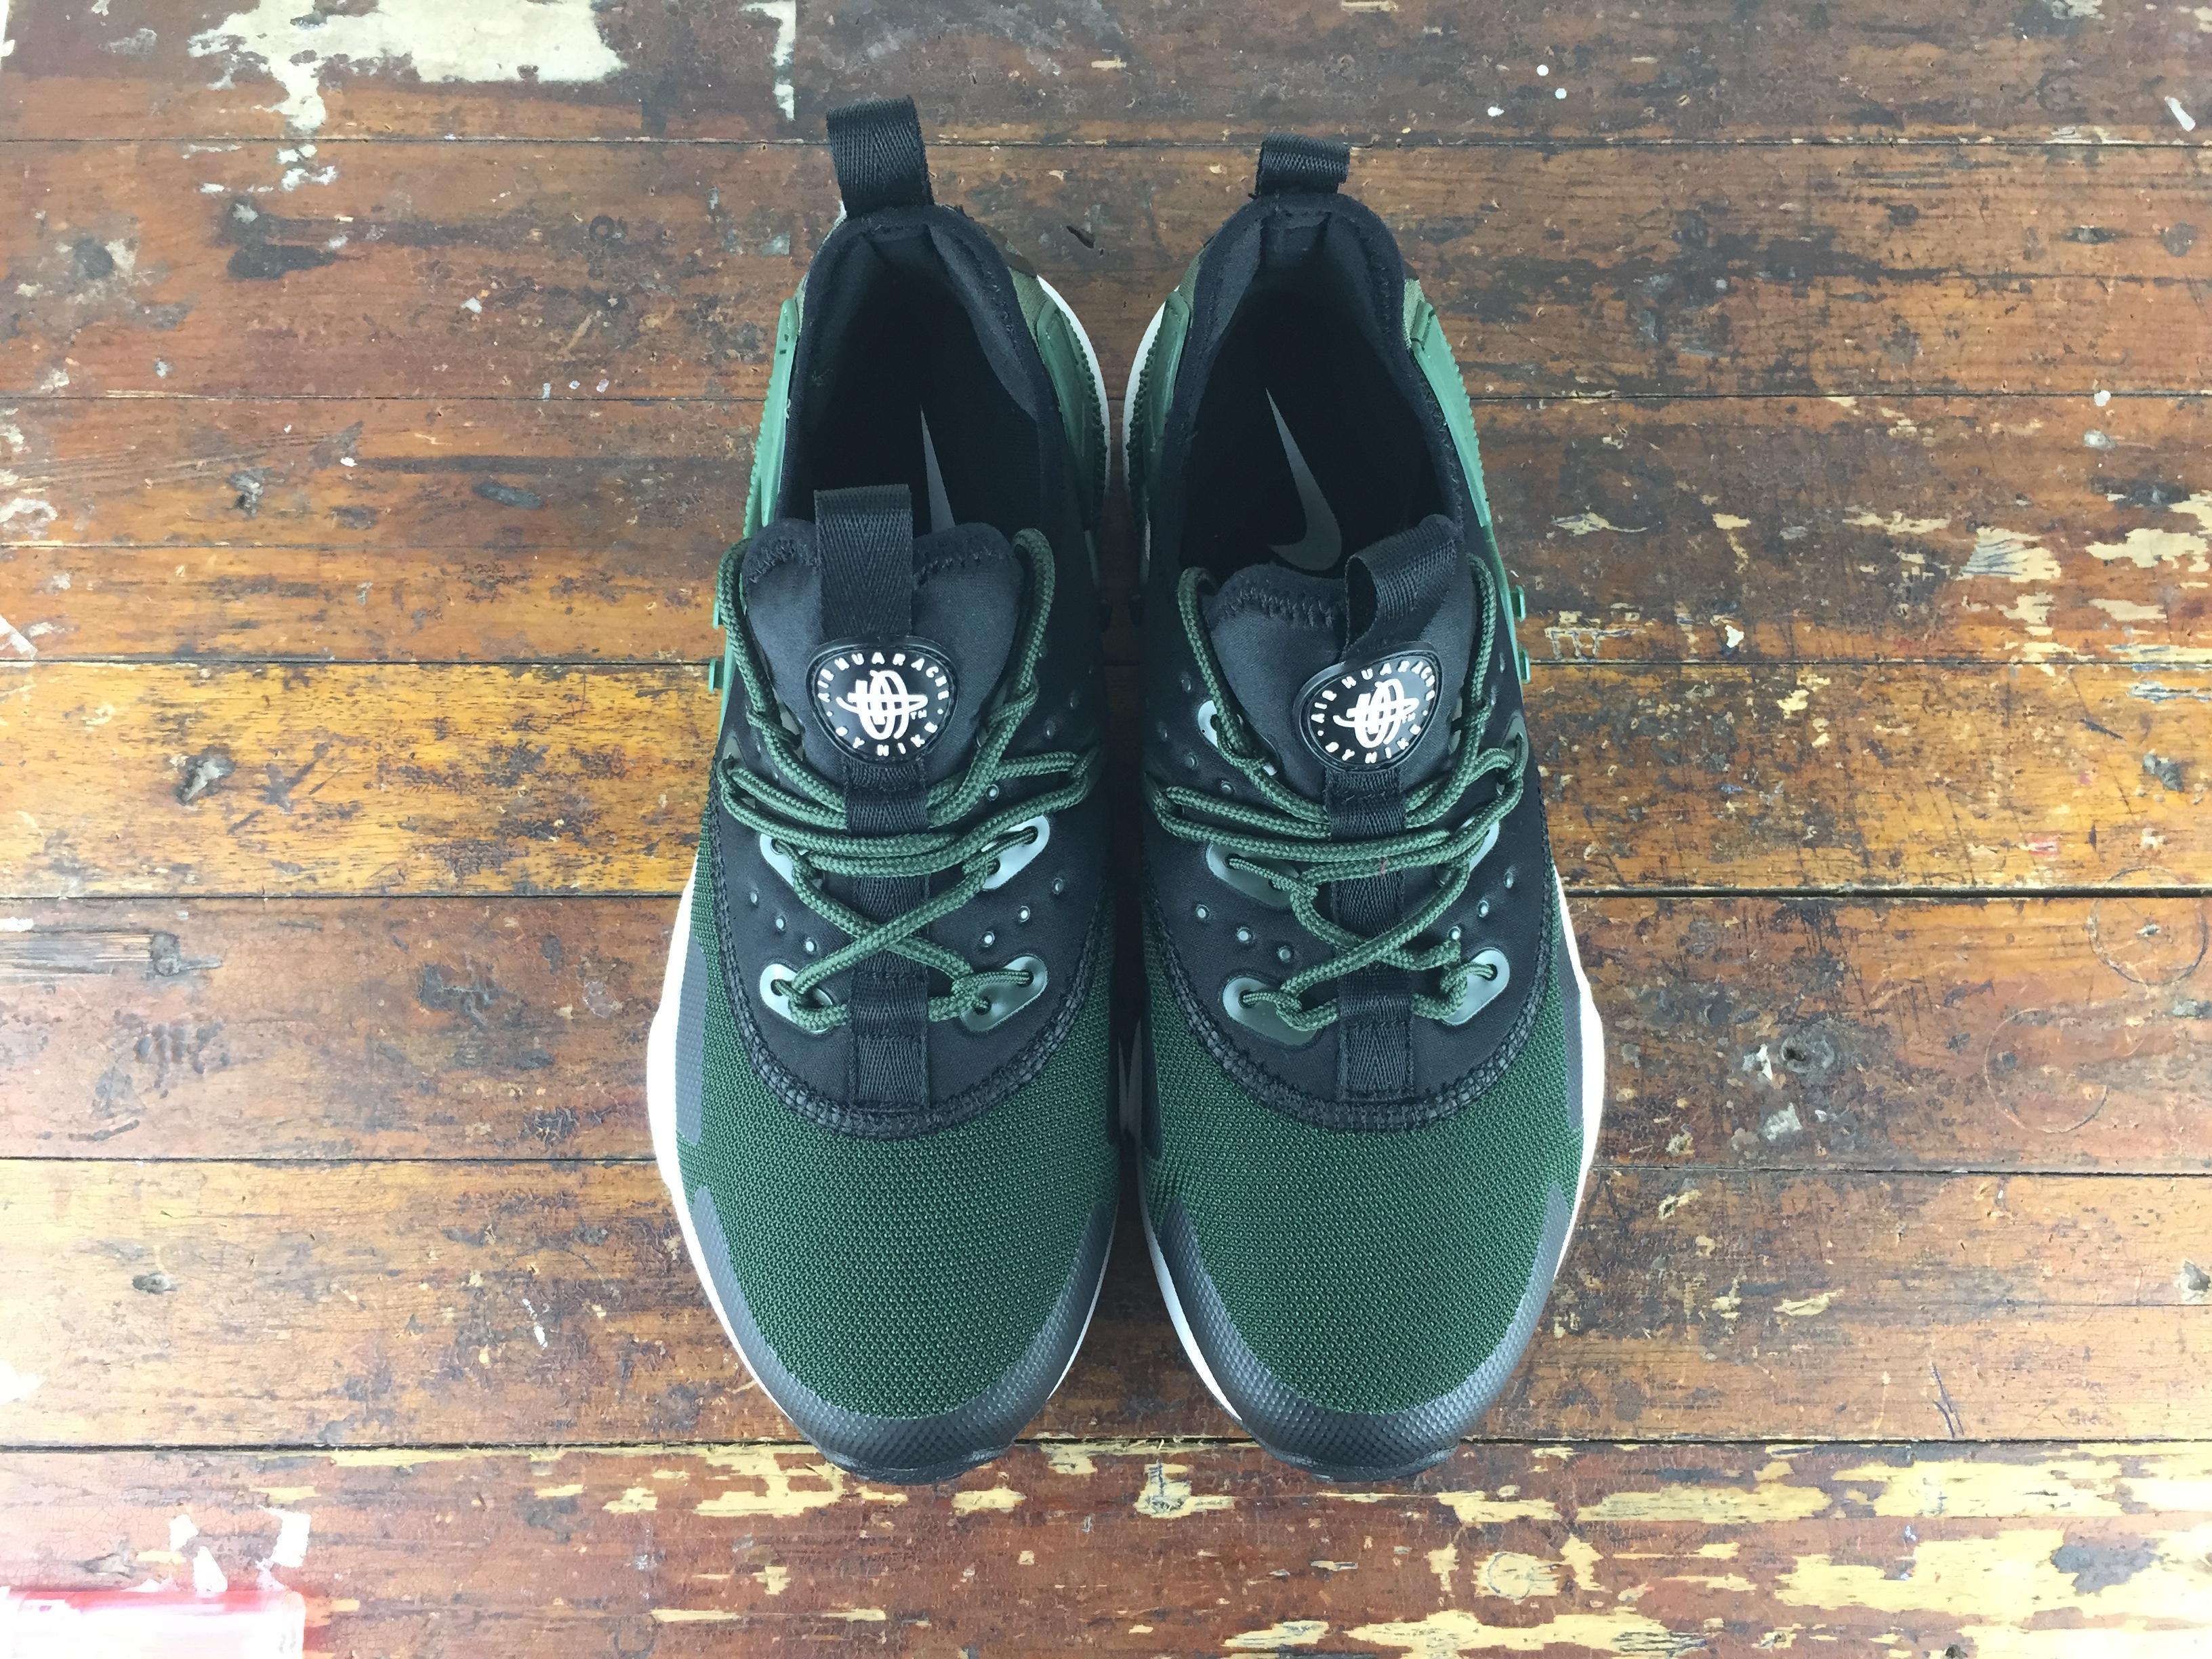 cheaper 1c761 abdb9 ... reduced nike air huarache drift army green c2d1a c36f2